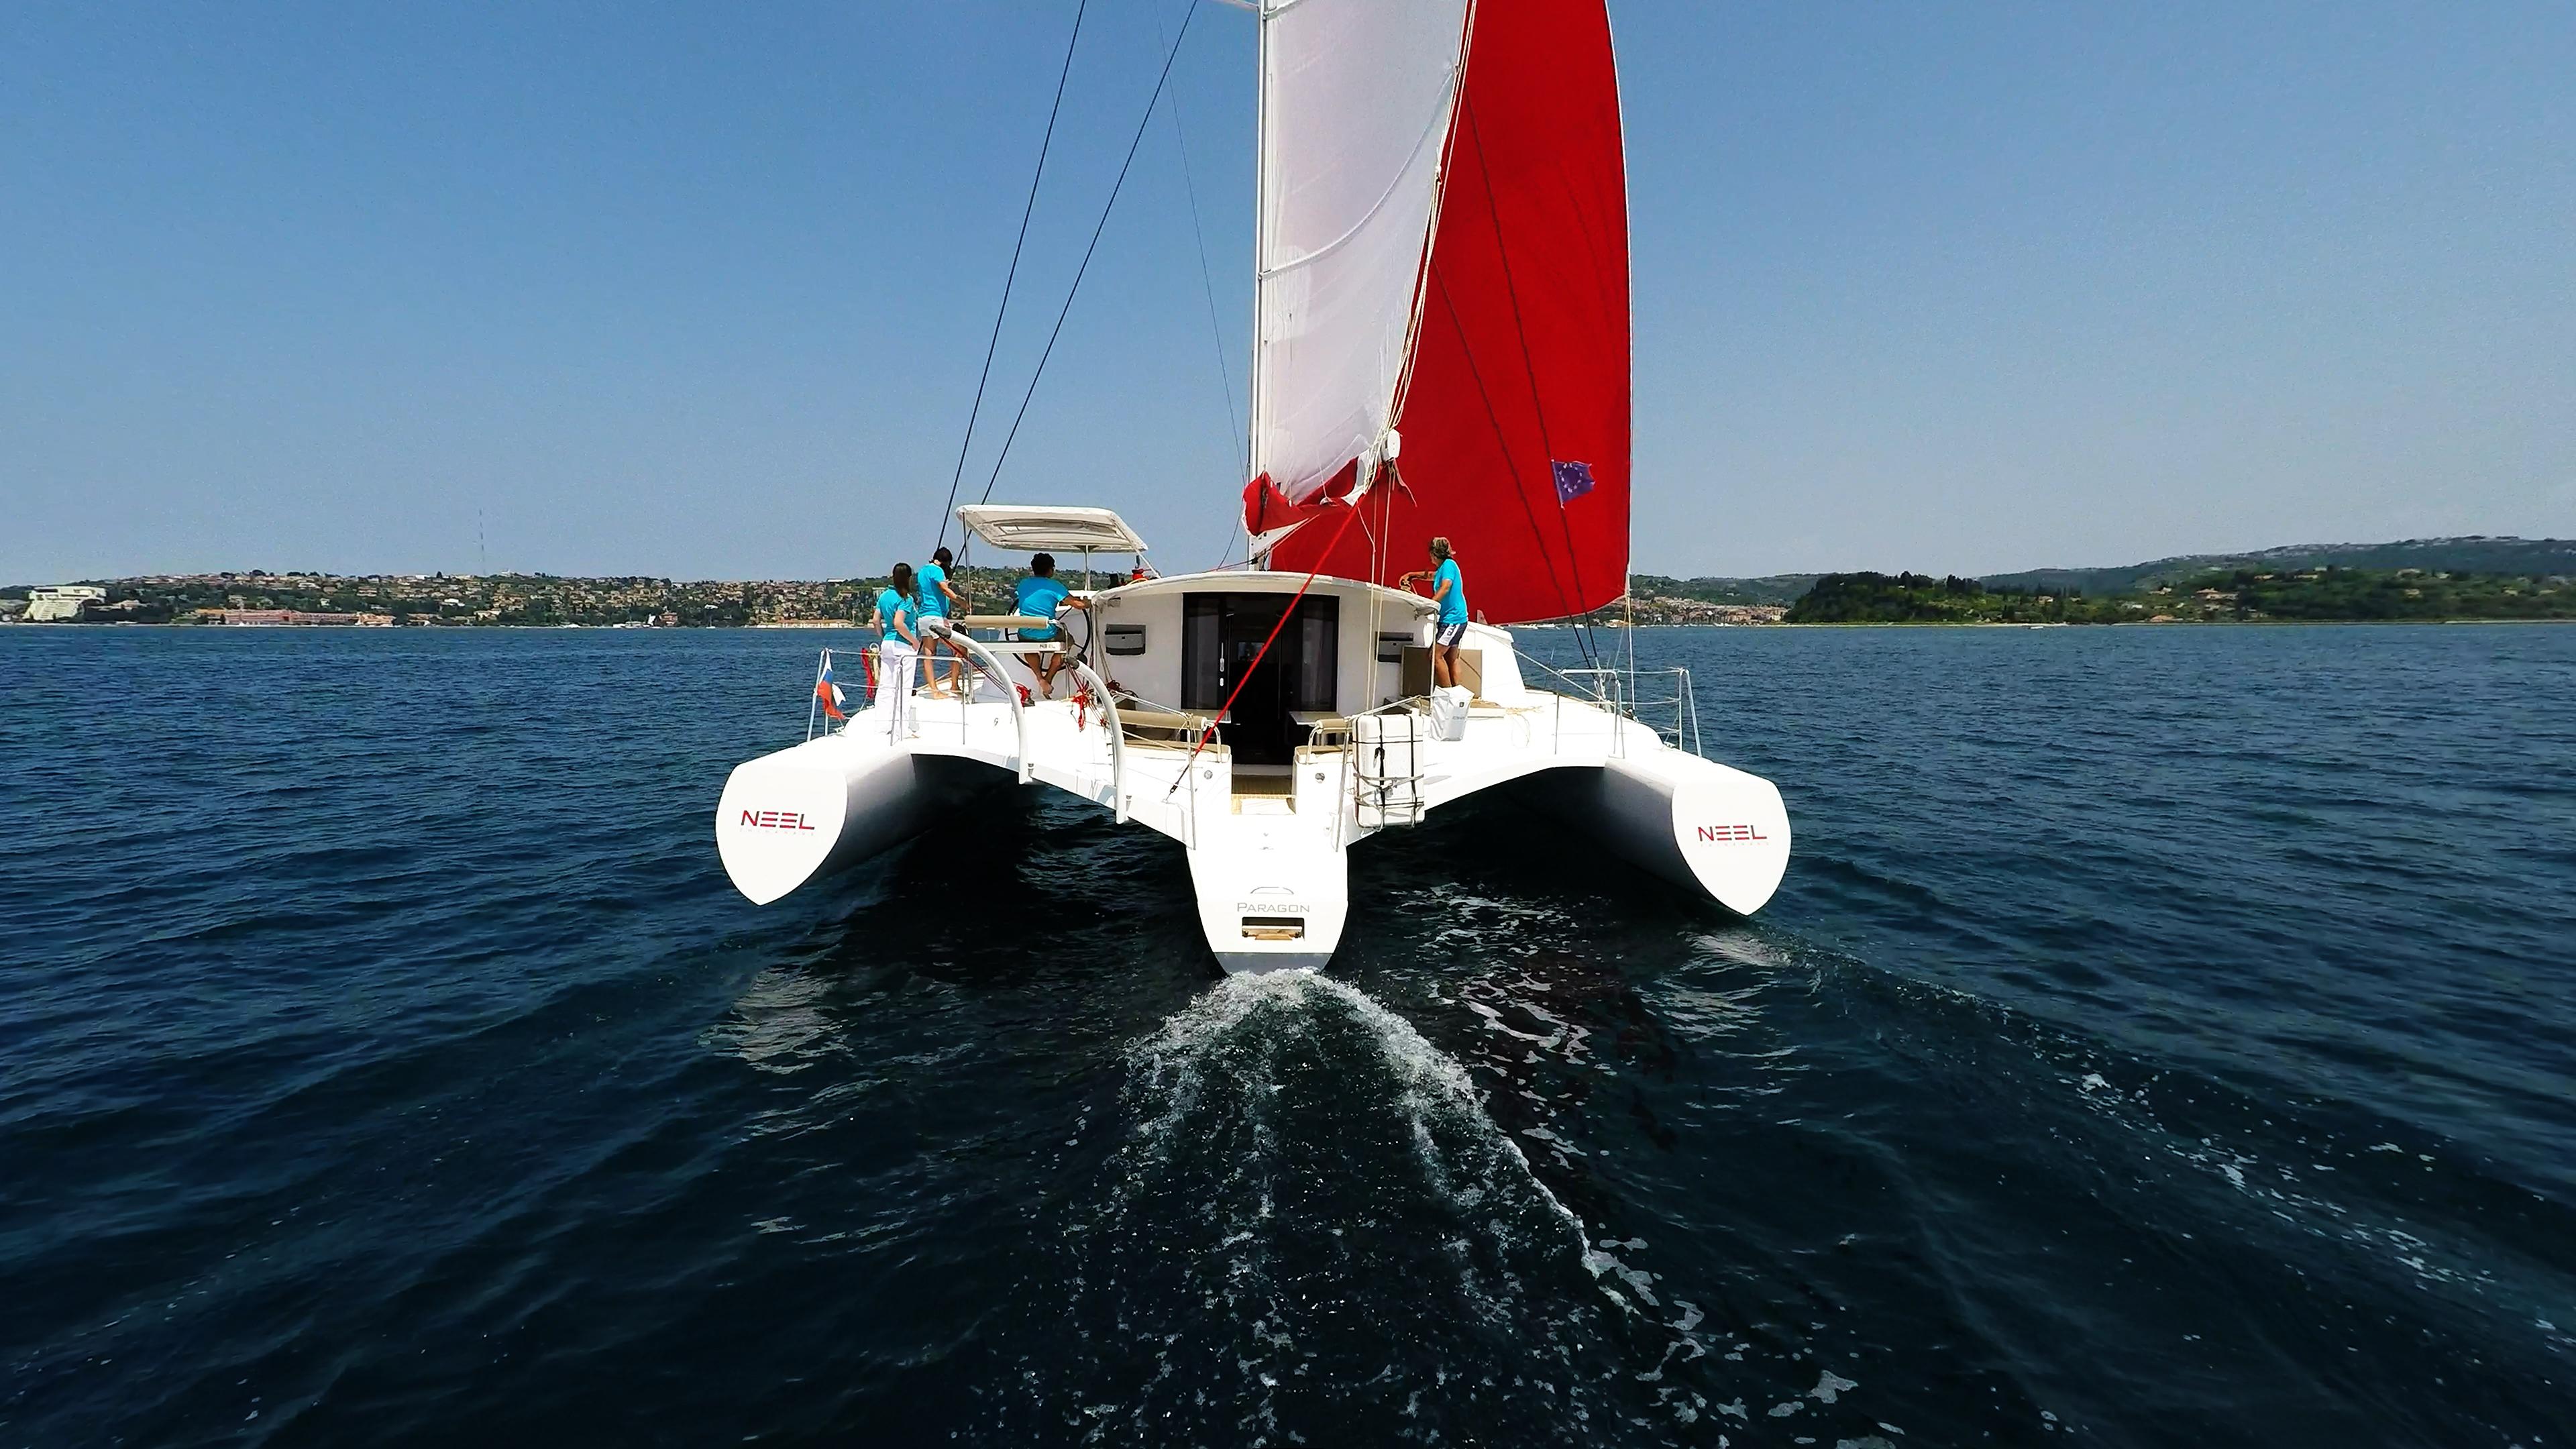 vista di poppa di trimarano  multiscafo yacht naviga a vela